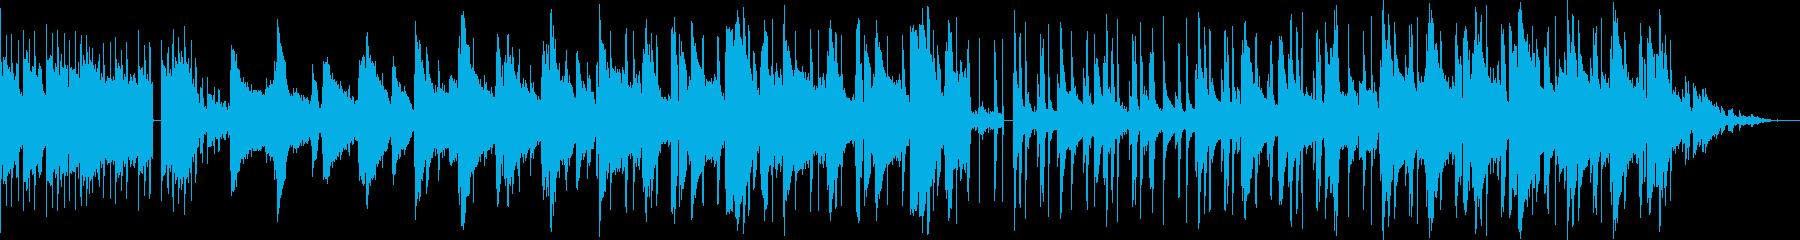 夜のジャズ lo-fiの再生済みの波形